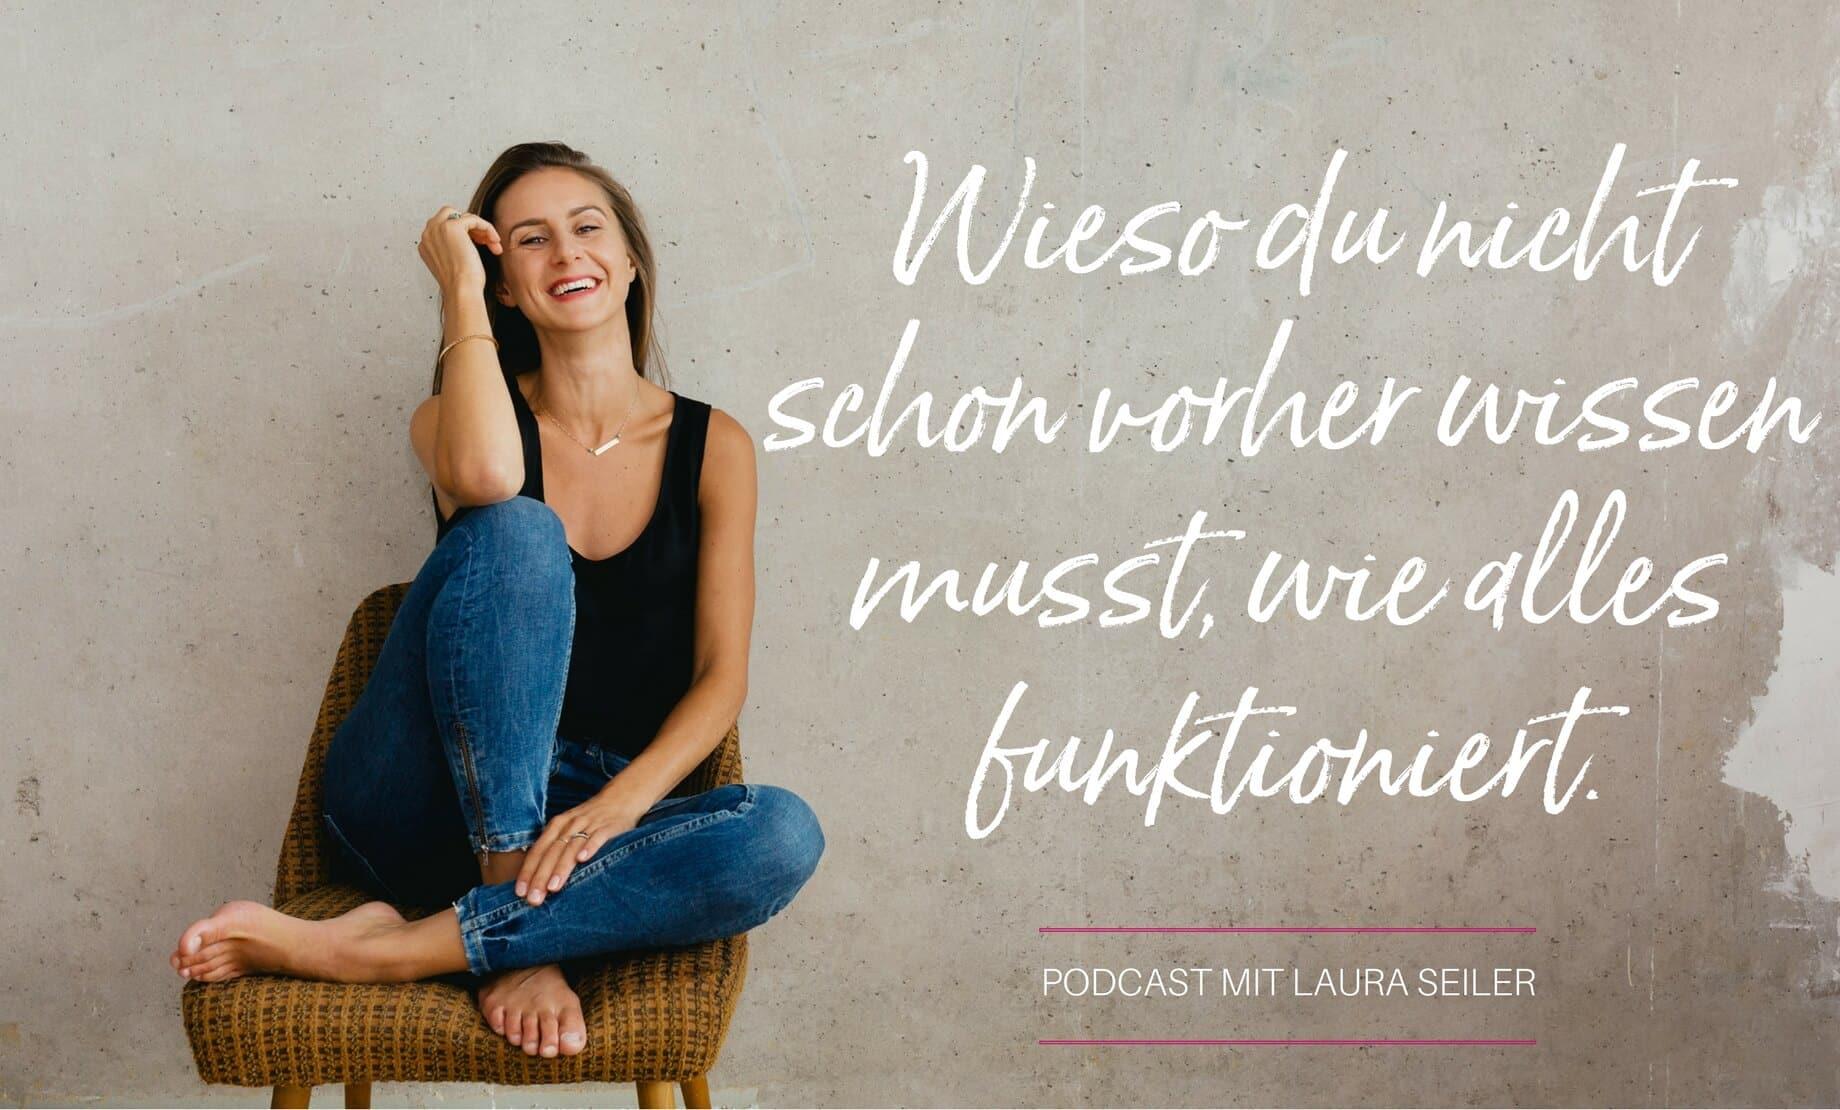 Laura Seiler Podcast